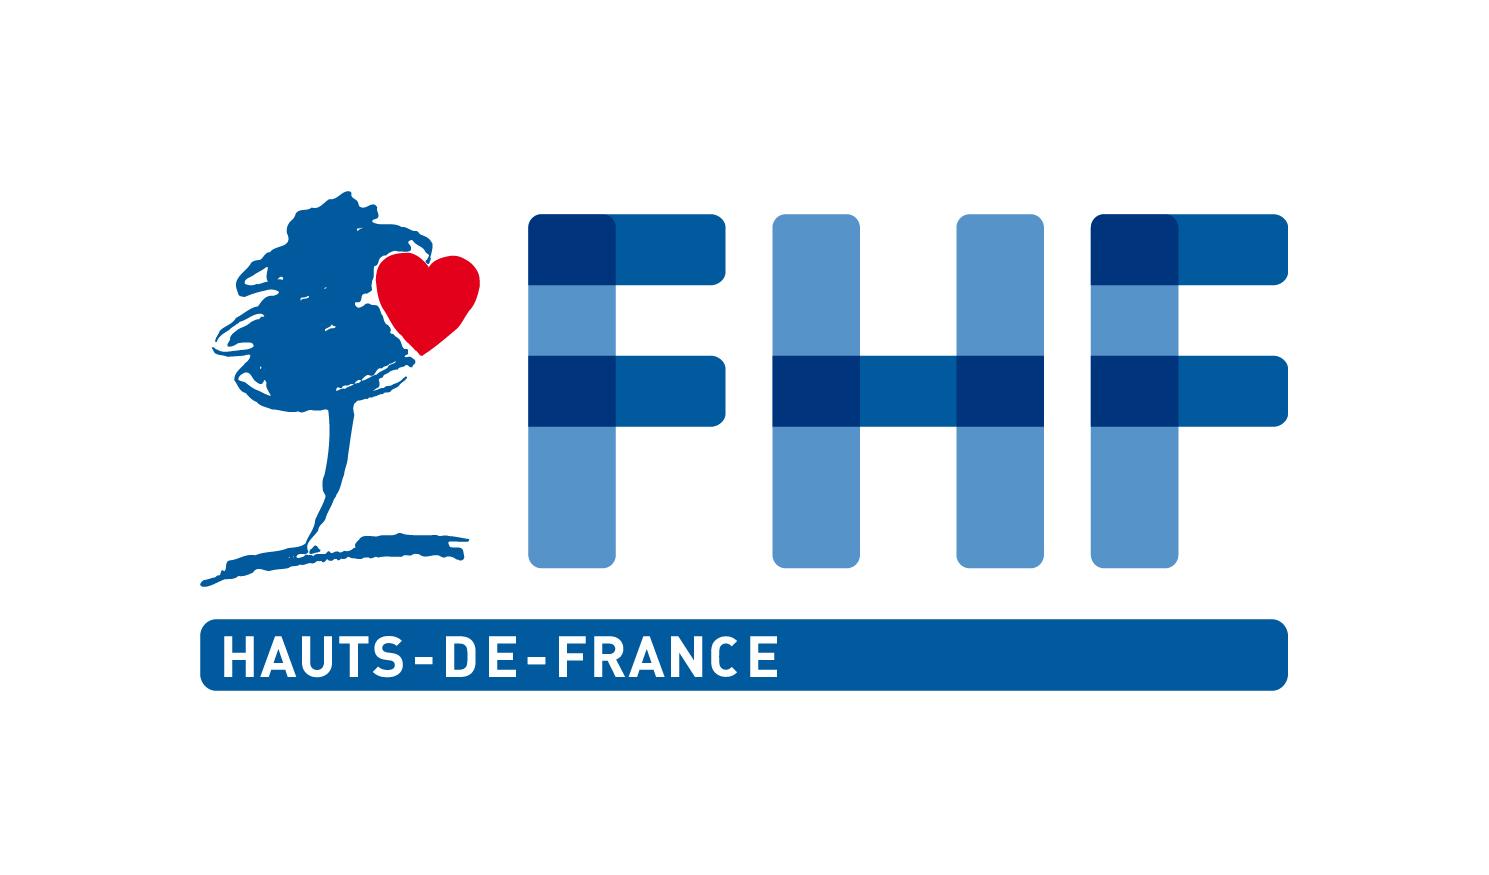 « Pacte de refondation des Urgences » : des modalités concrètes à définir dans la région Hauts-de-France